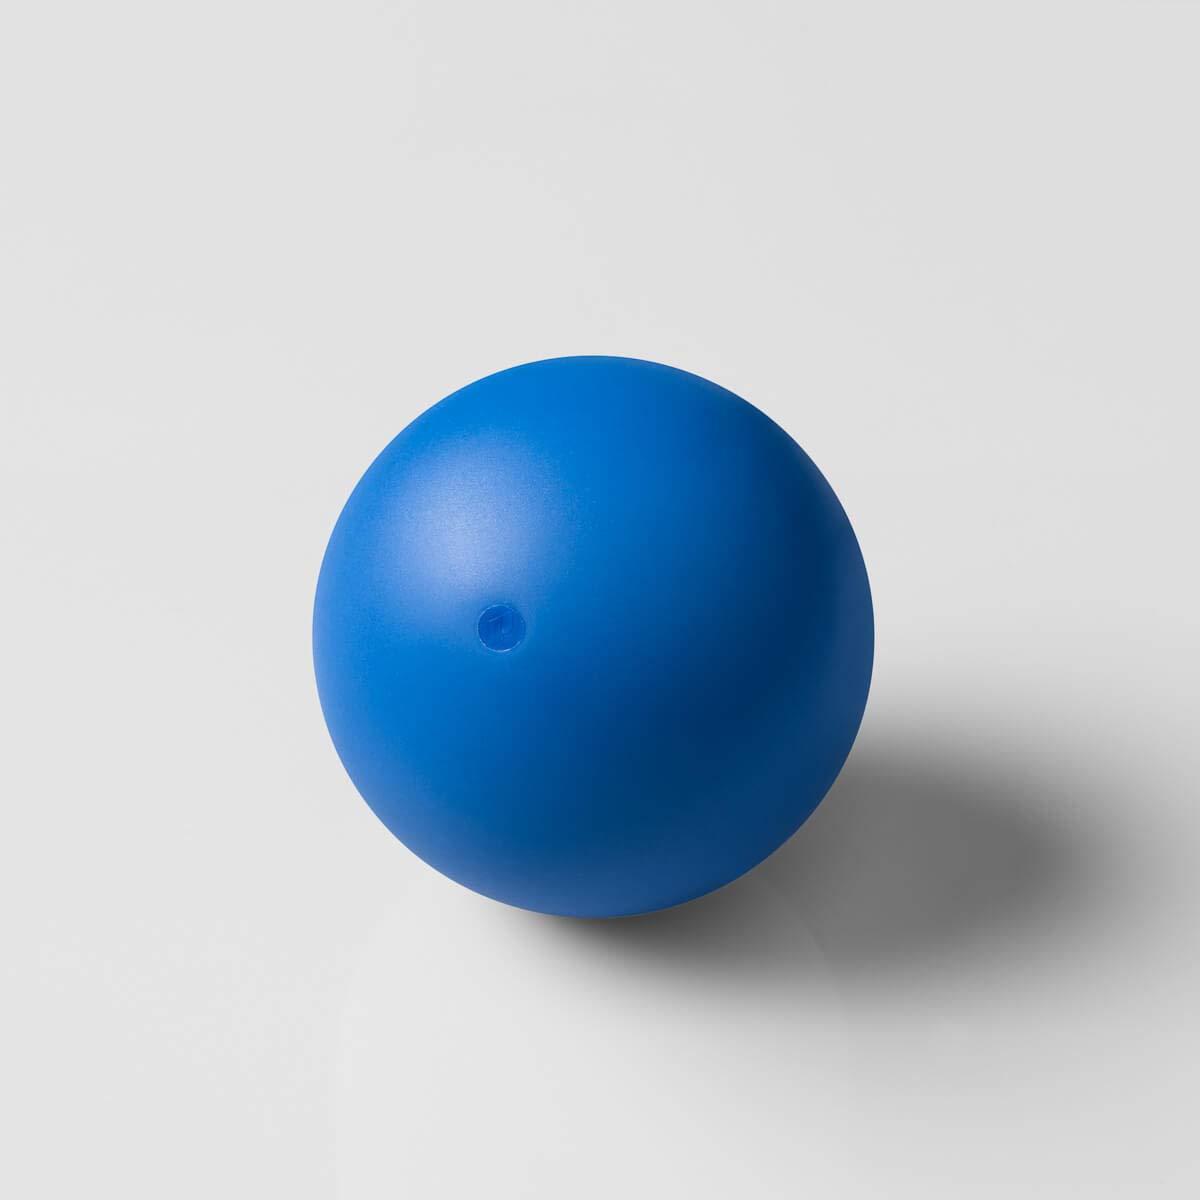 62 mm Play Juggling Blu UV Pallina da GIOCOLIERE per Giocoleria Modello MMX 110 g